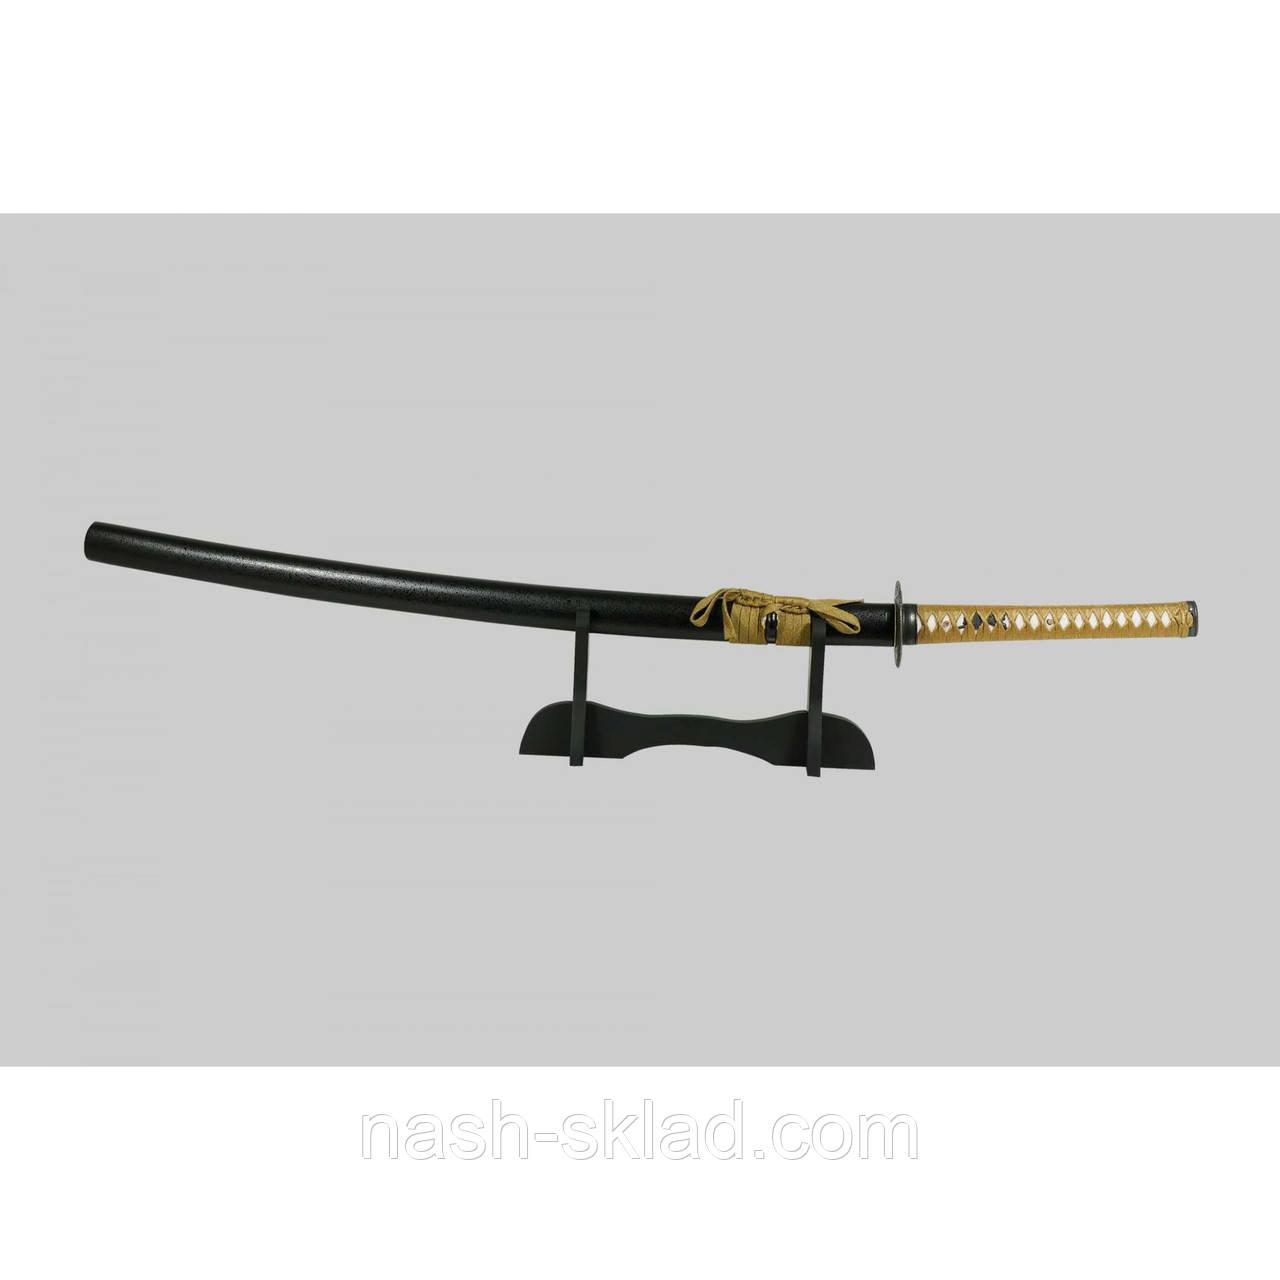 Самурайская катана сувенирная, черный клинок с дамасковыми узорами в деревянной коробке + чехол тканевый